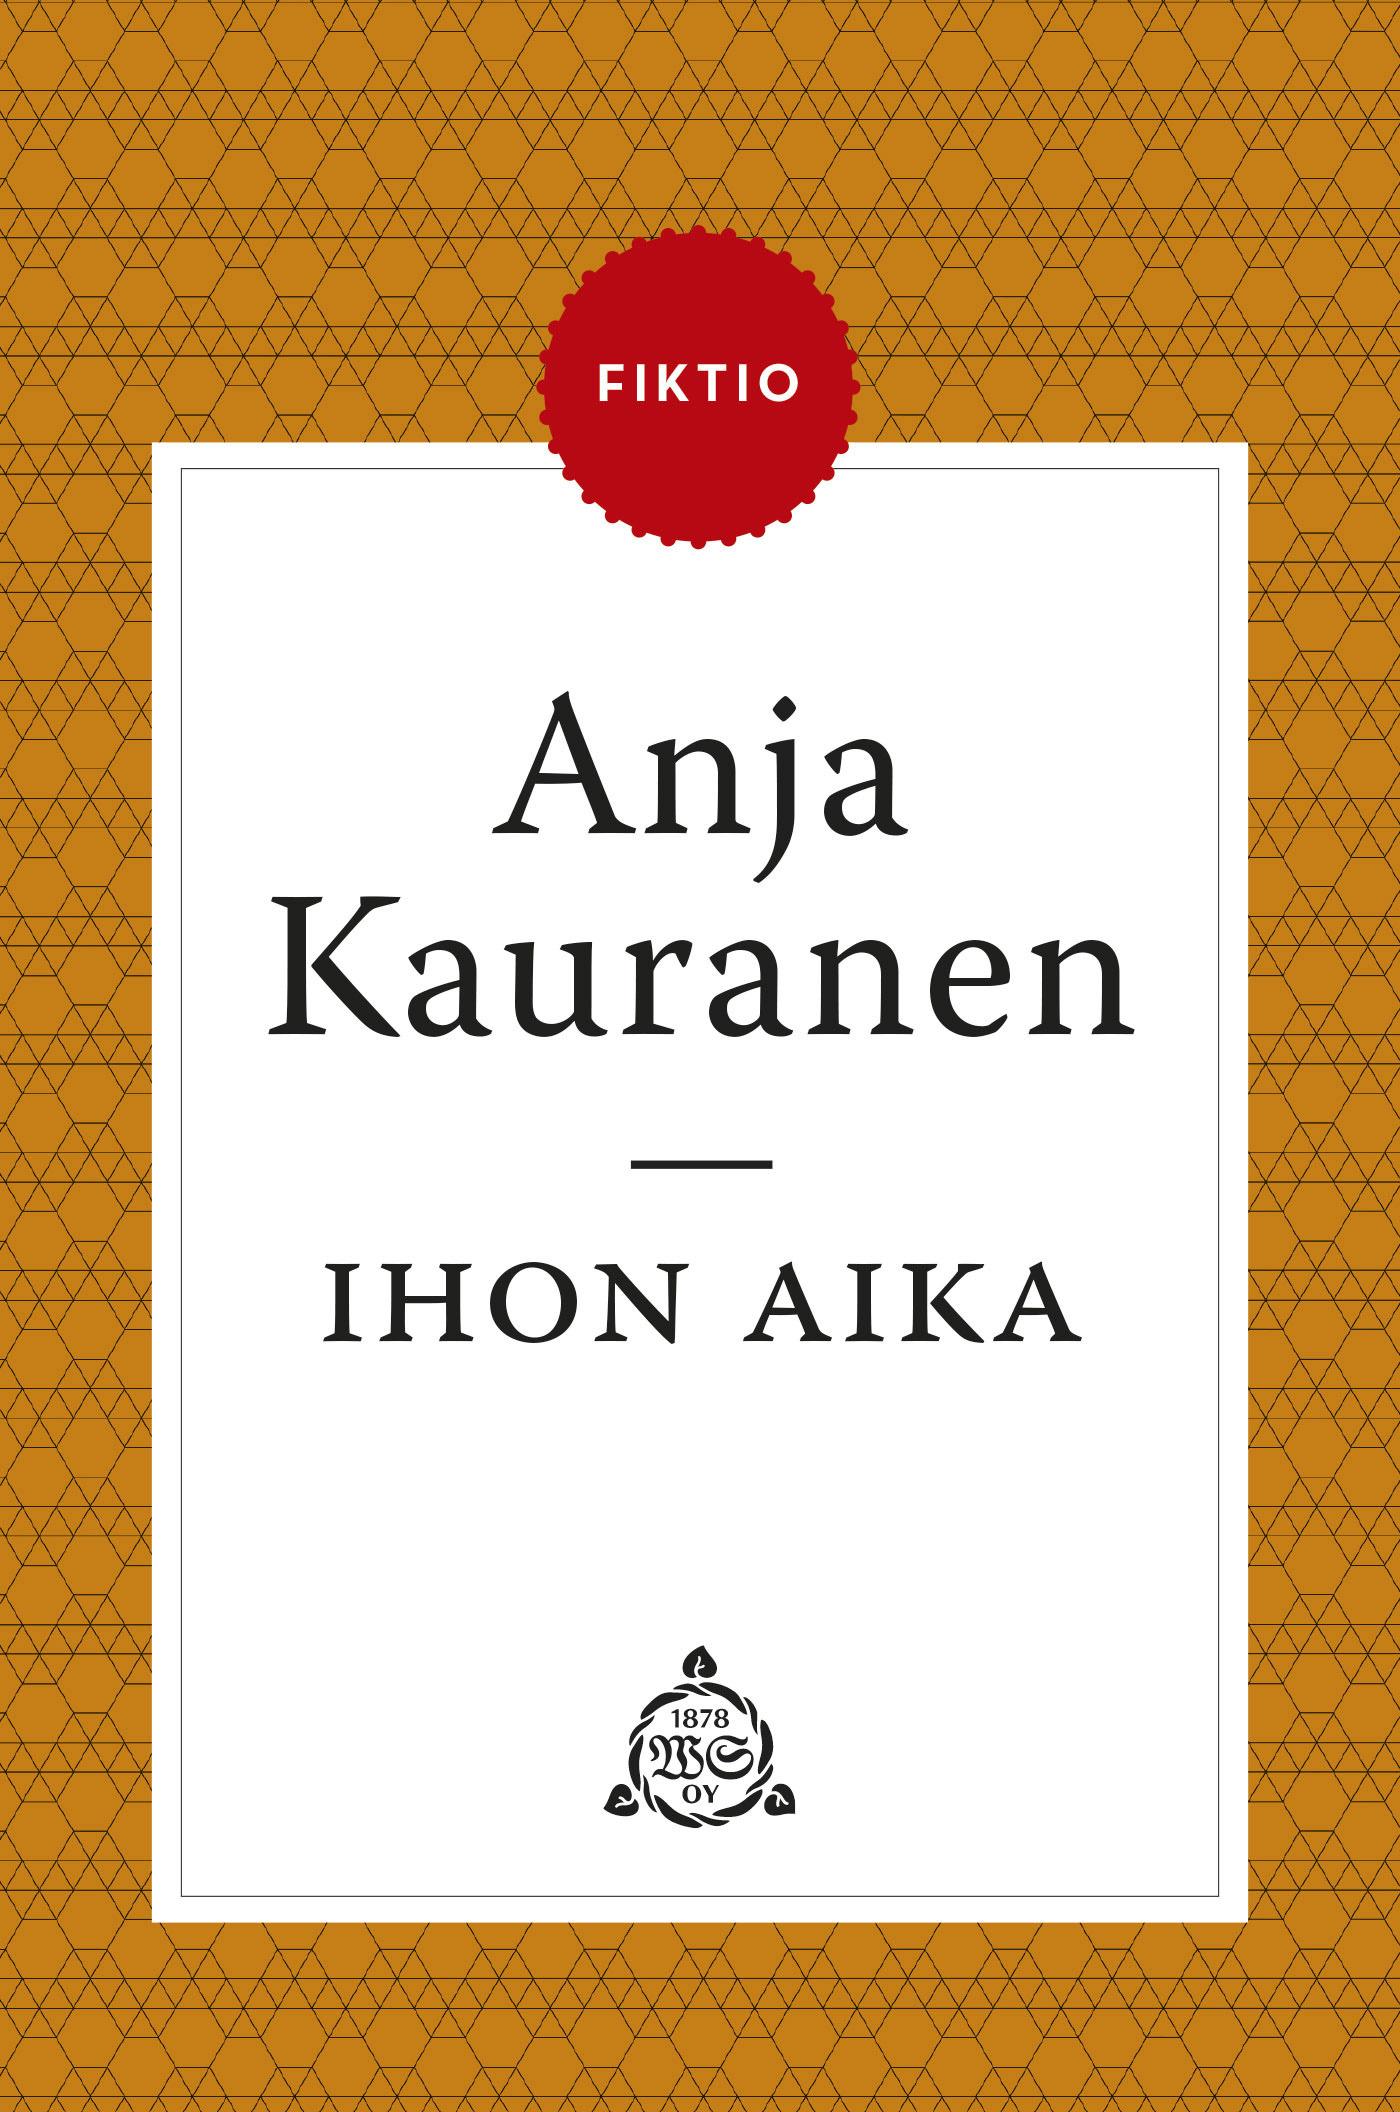 Kauranen, Anja - Ihon aika, e-kirja